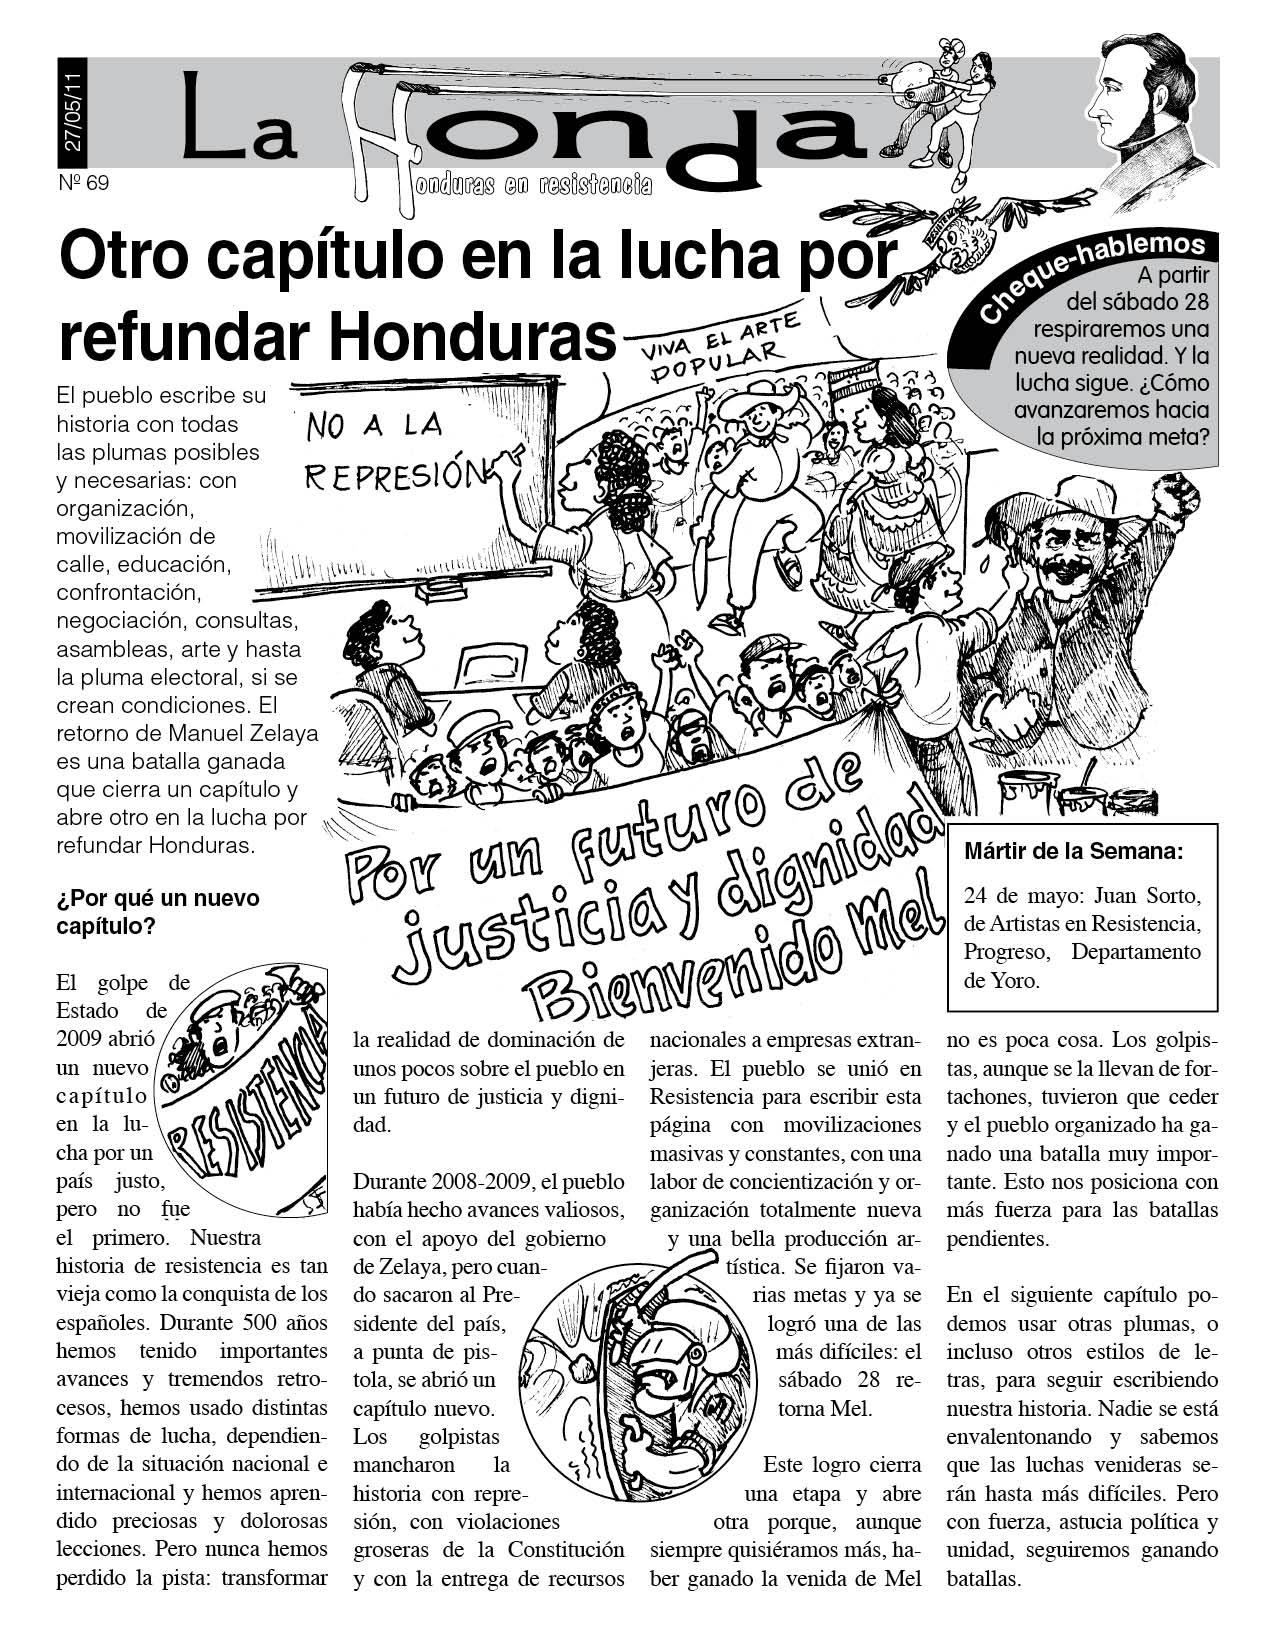 La Honda 69: Otro capítulo en la lucha por refundar Honduras